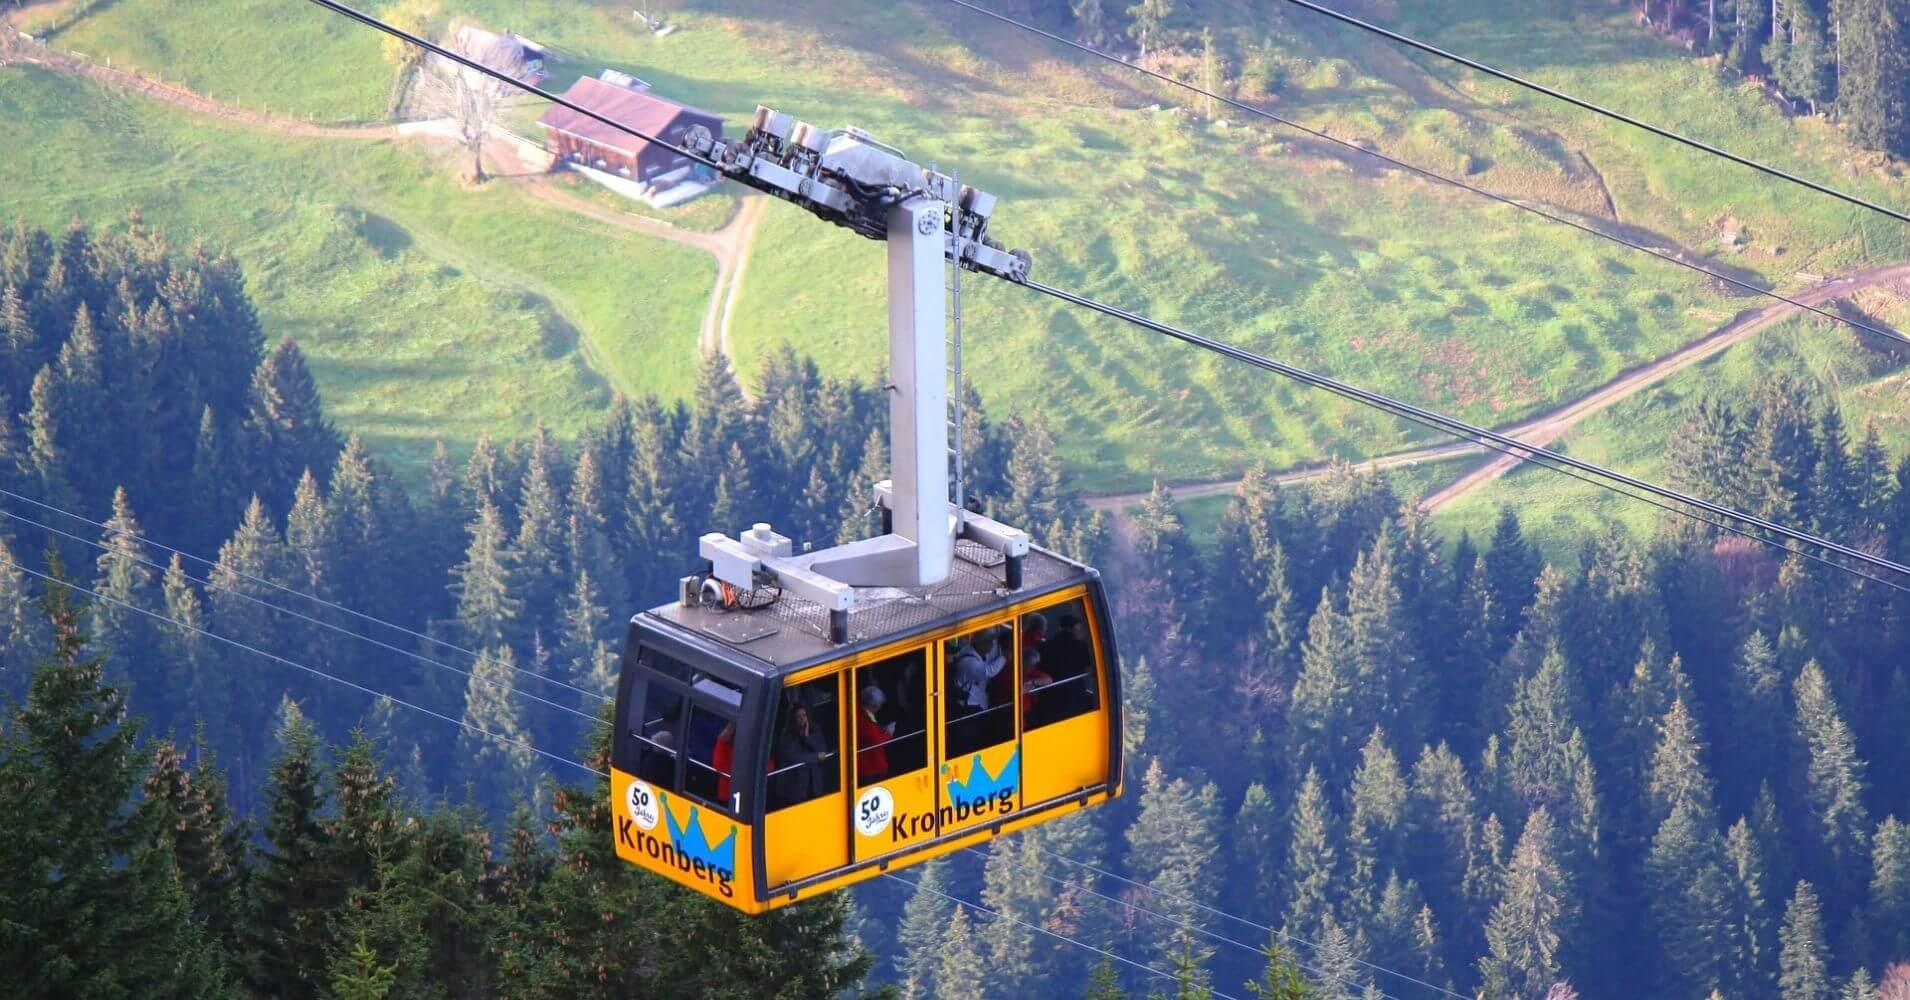 Teleférico Kronberg Luftseilbahn. Suiza.